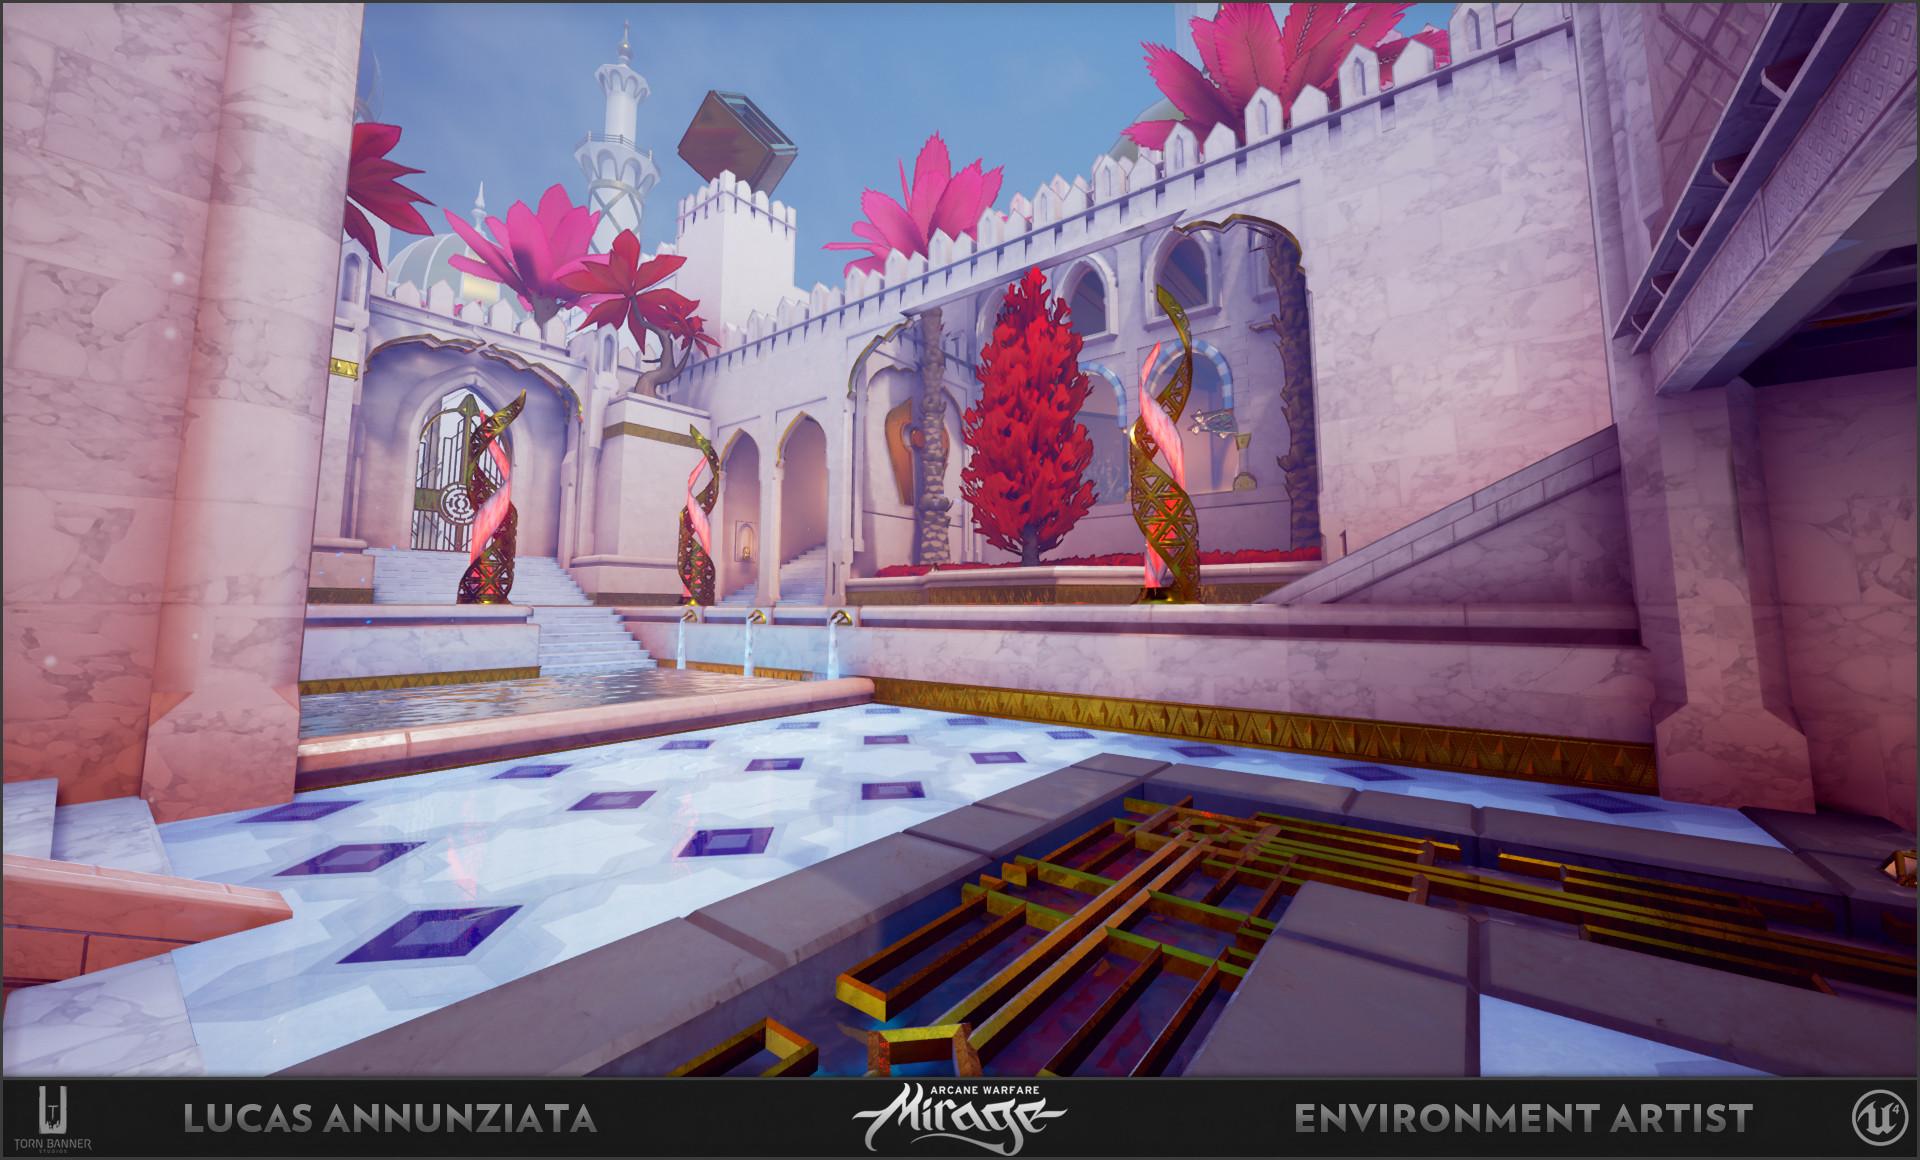 Lucas annunziata courtyard 5